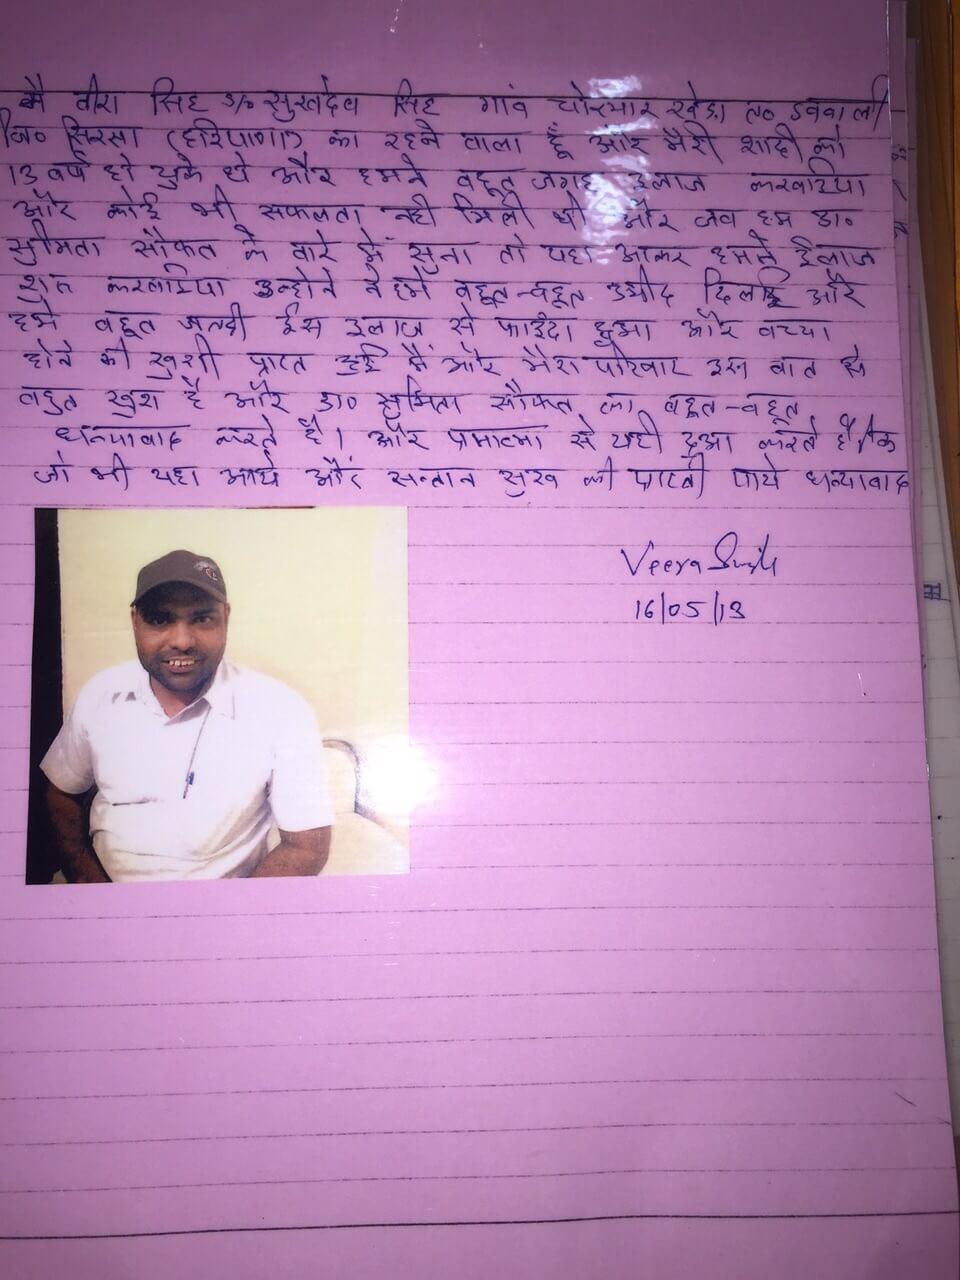 Veera-Singh